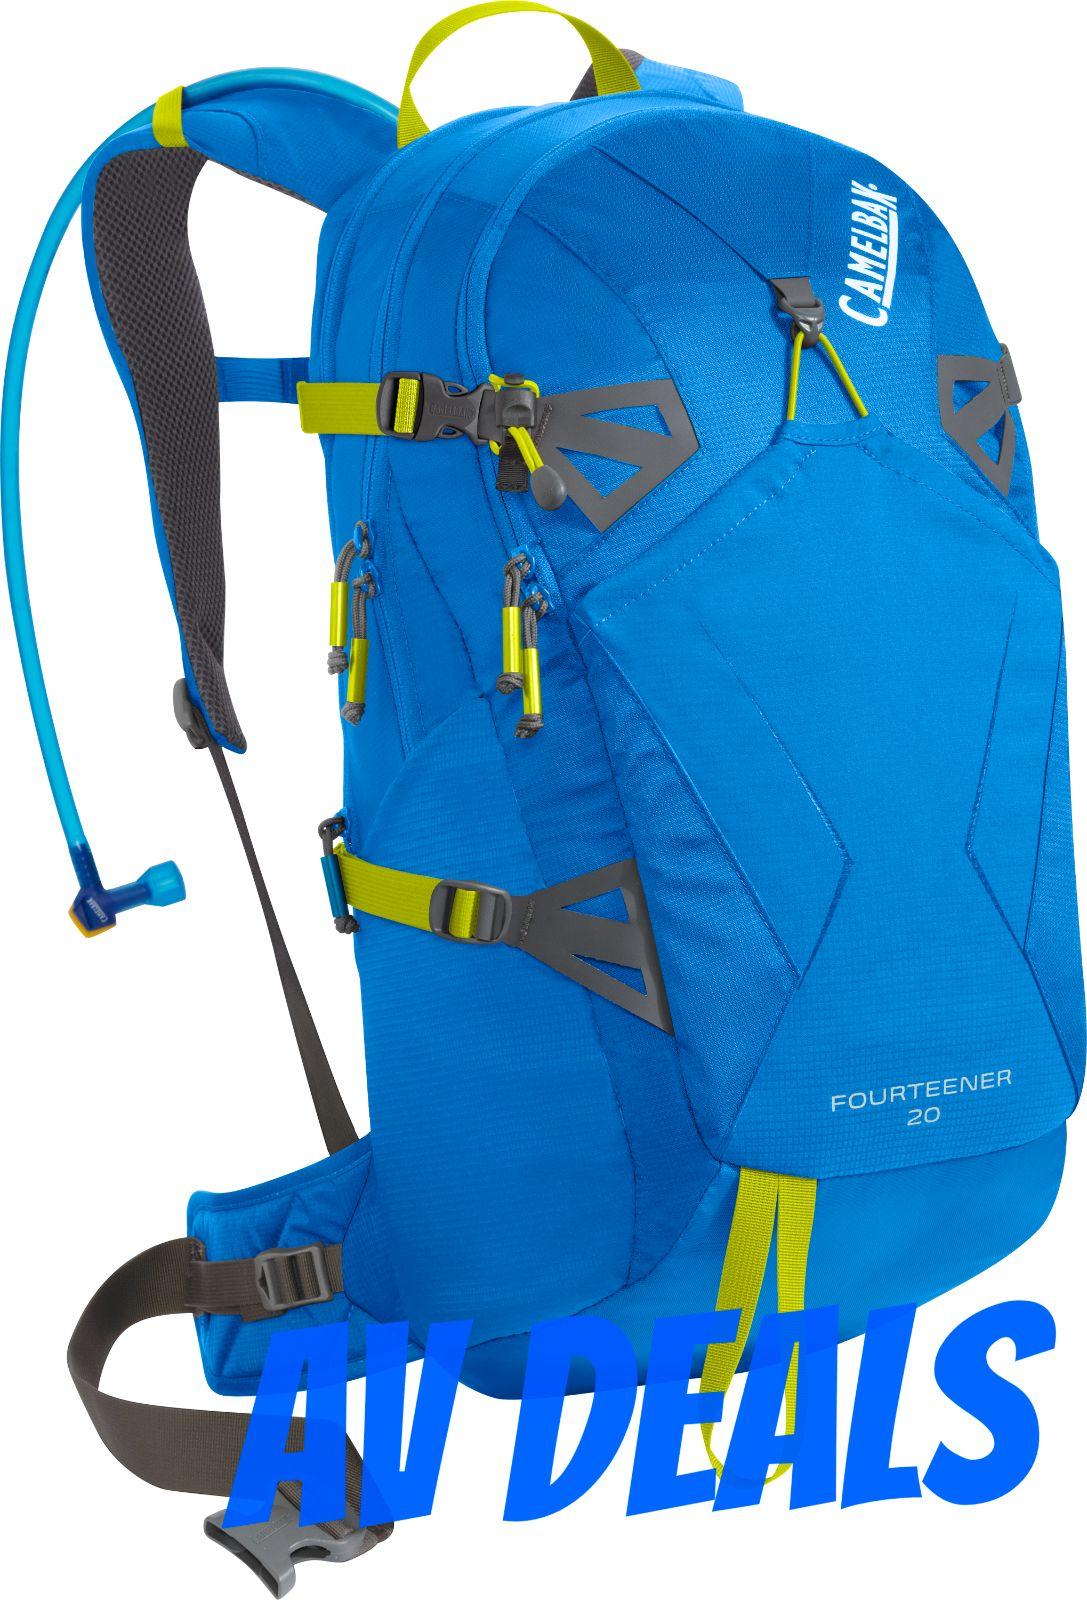 Hydration Packs 87125: Camelbak Fourteener 20 100 Oz Outdoor Hiking Trekking Backpack 62367 -> BUY IT NOW ONLY: $55.94 on eBay!